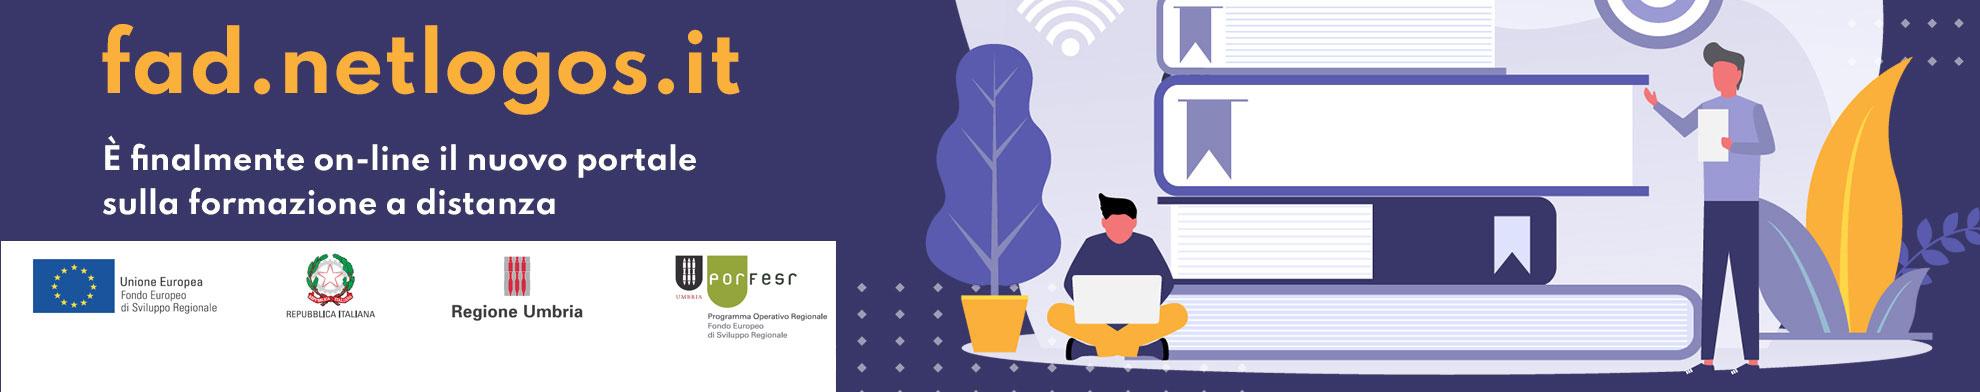 FAD.NETLOGOS.IT - Il nuovo portale sulla formazione a distanza